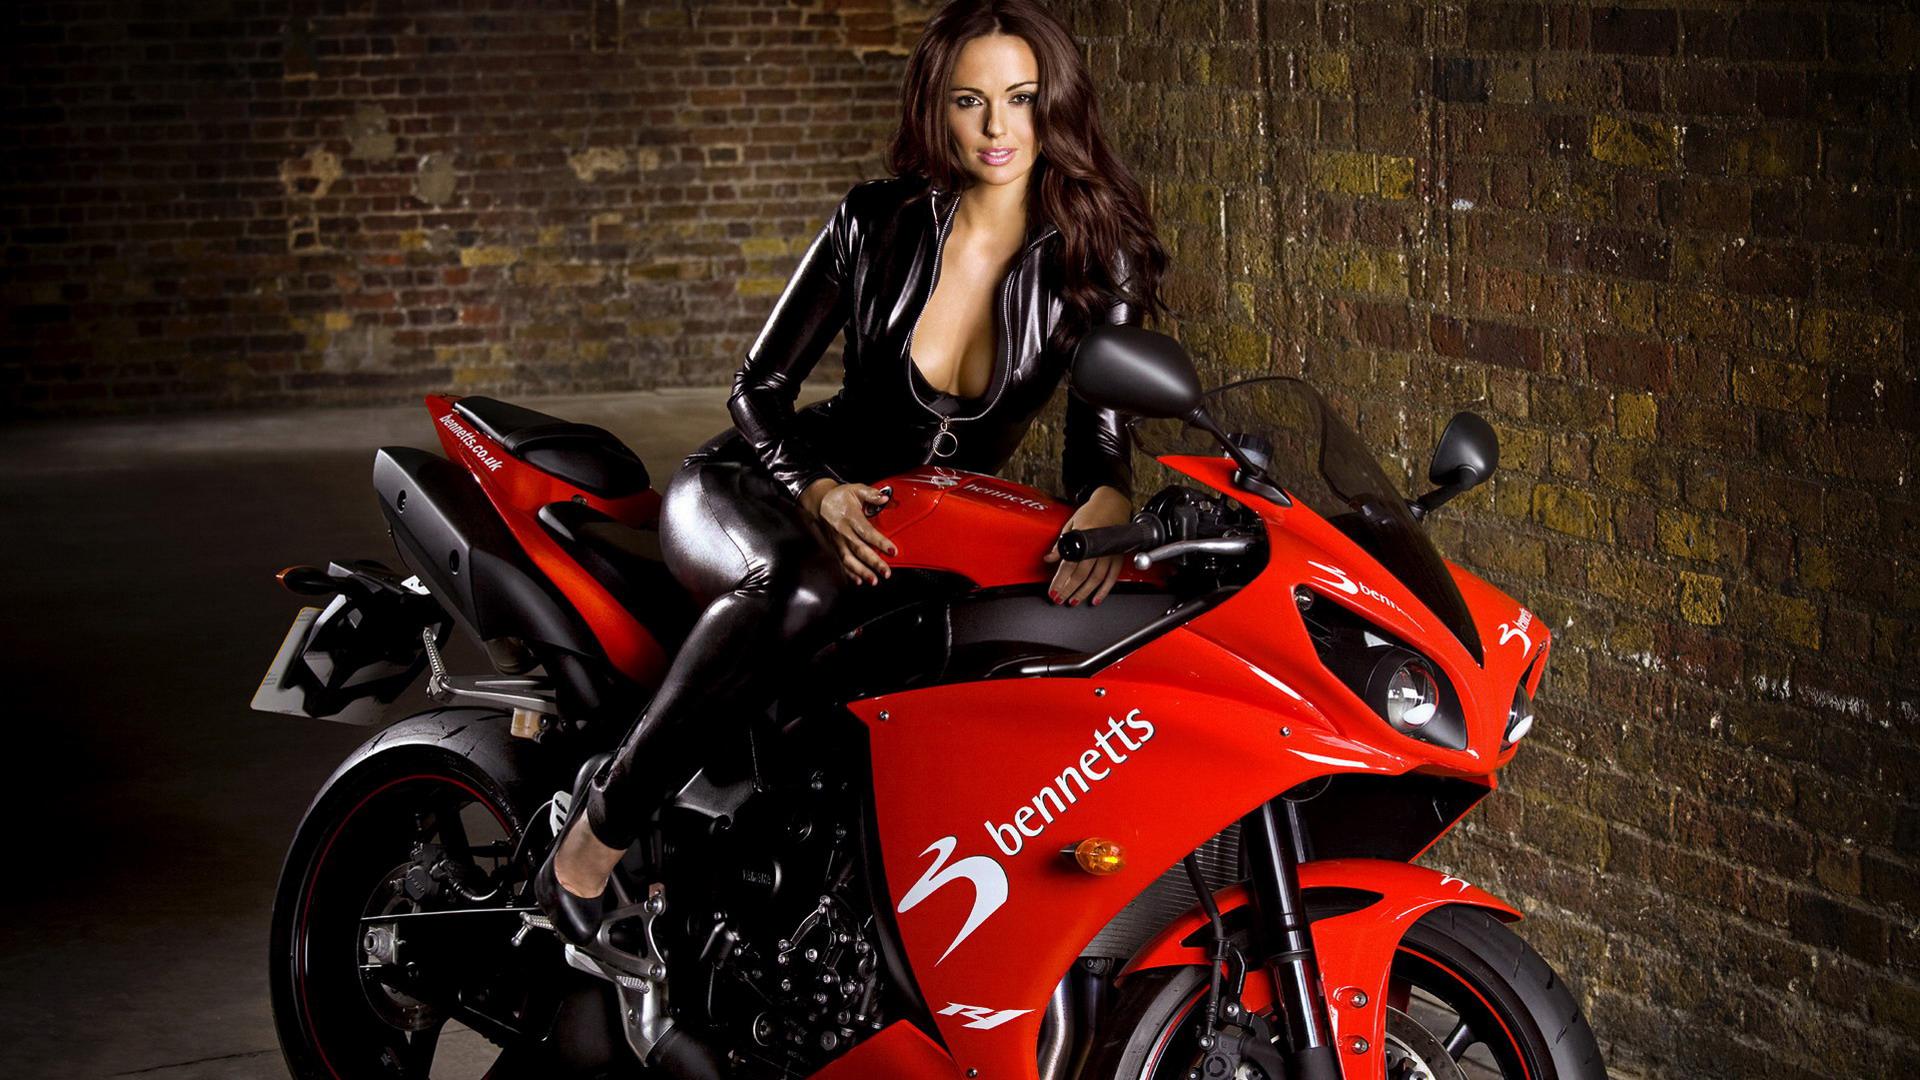 Girls On Motorcycles Wallpapers  WallpaperSafari